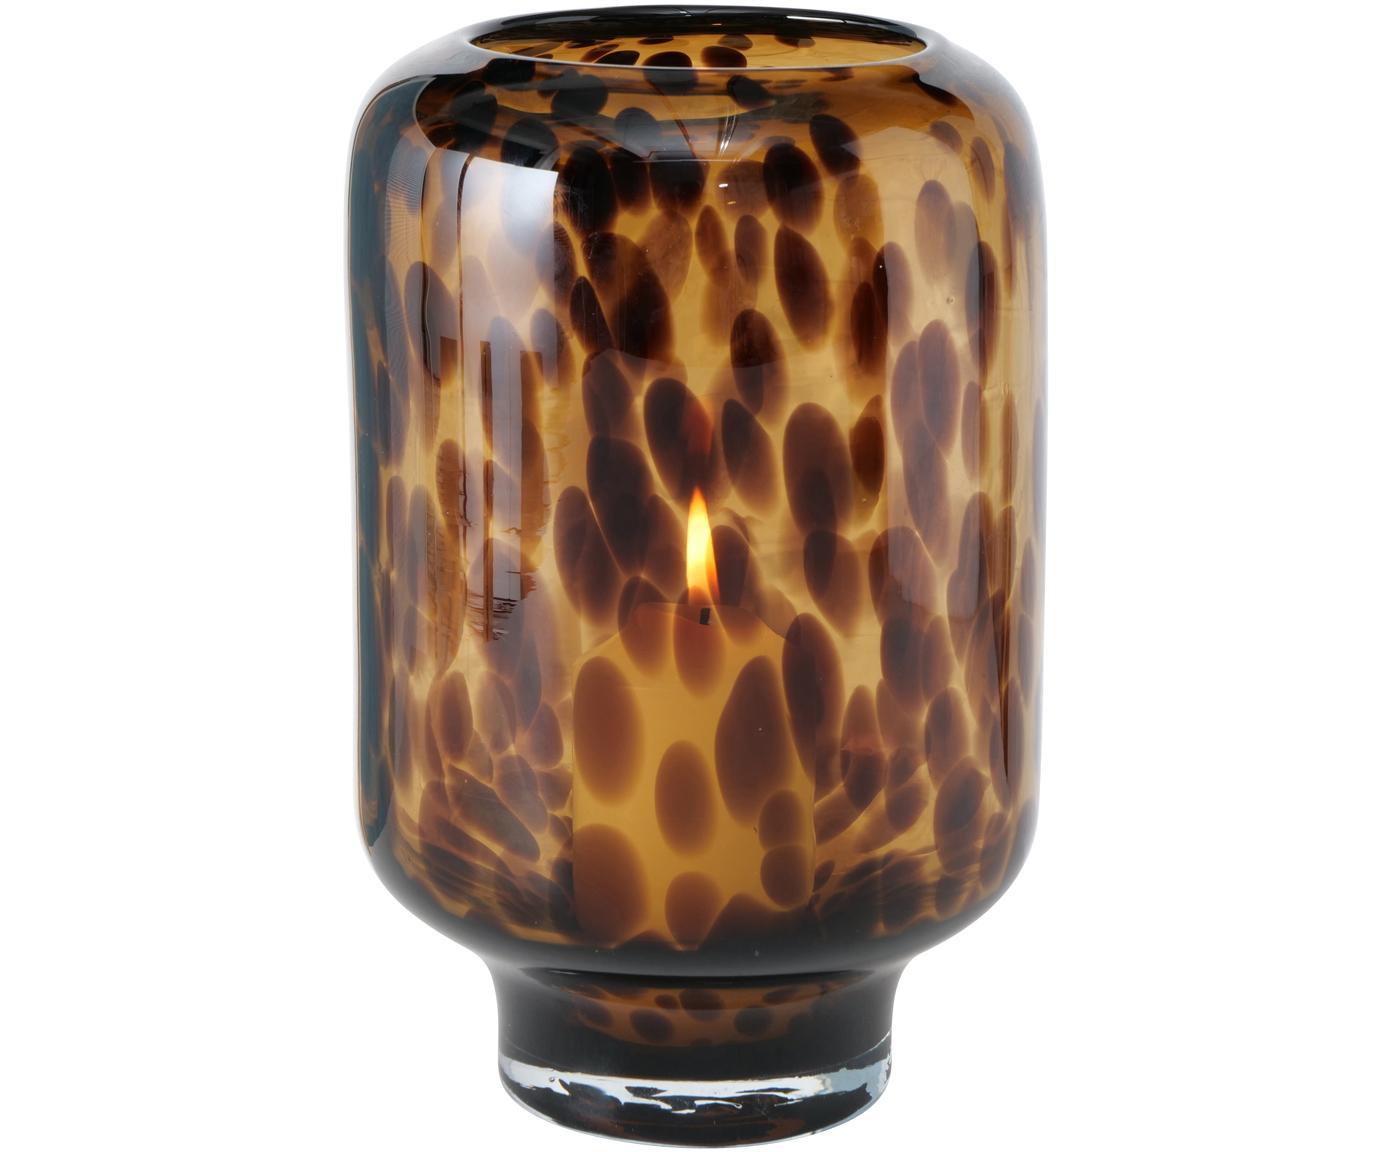 Windlicht Leopard, Glas, Brauntöne, Ø 14 x H 22 cm